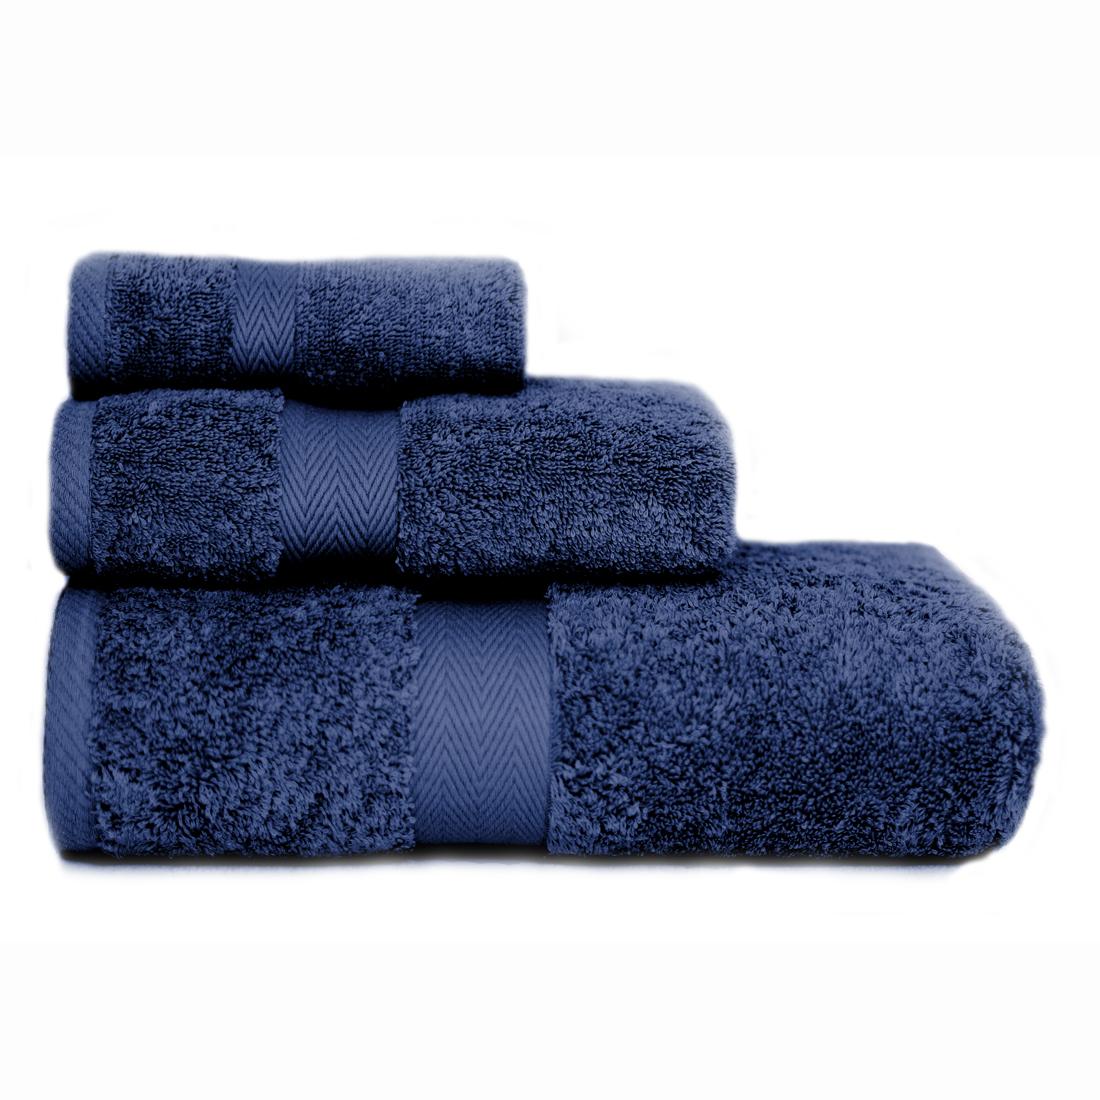 Luxor Navy Towels